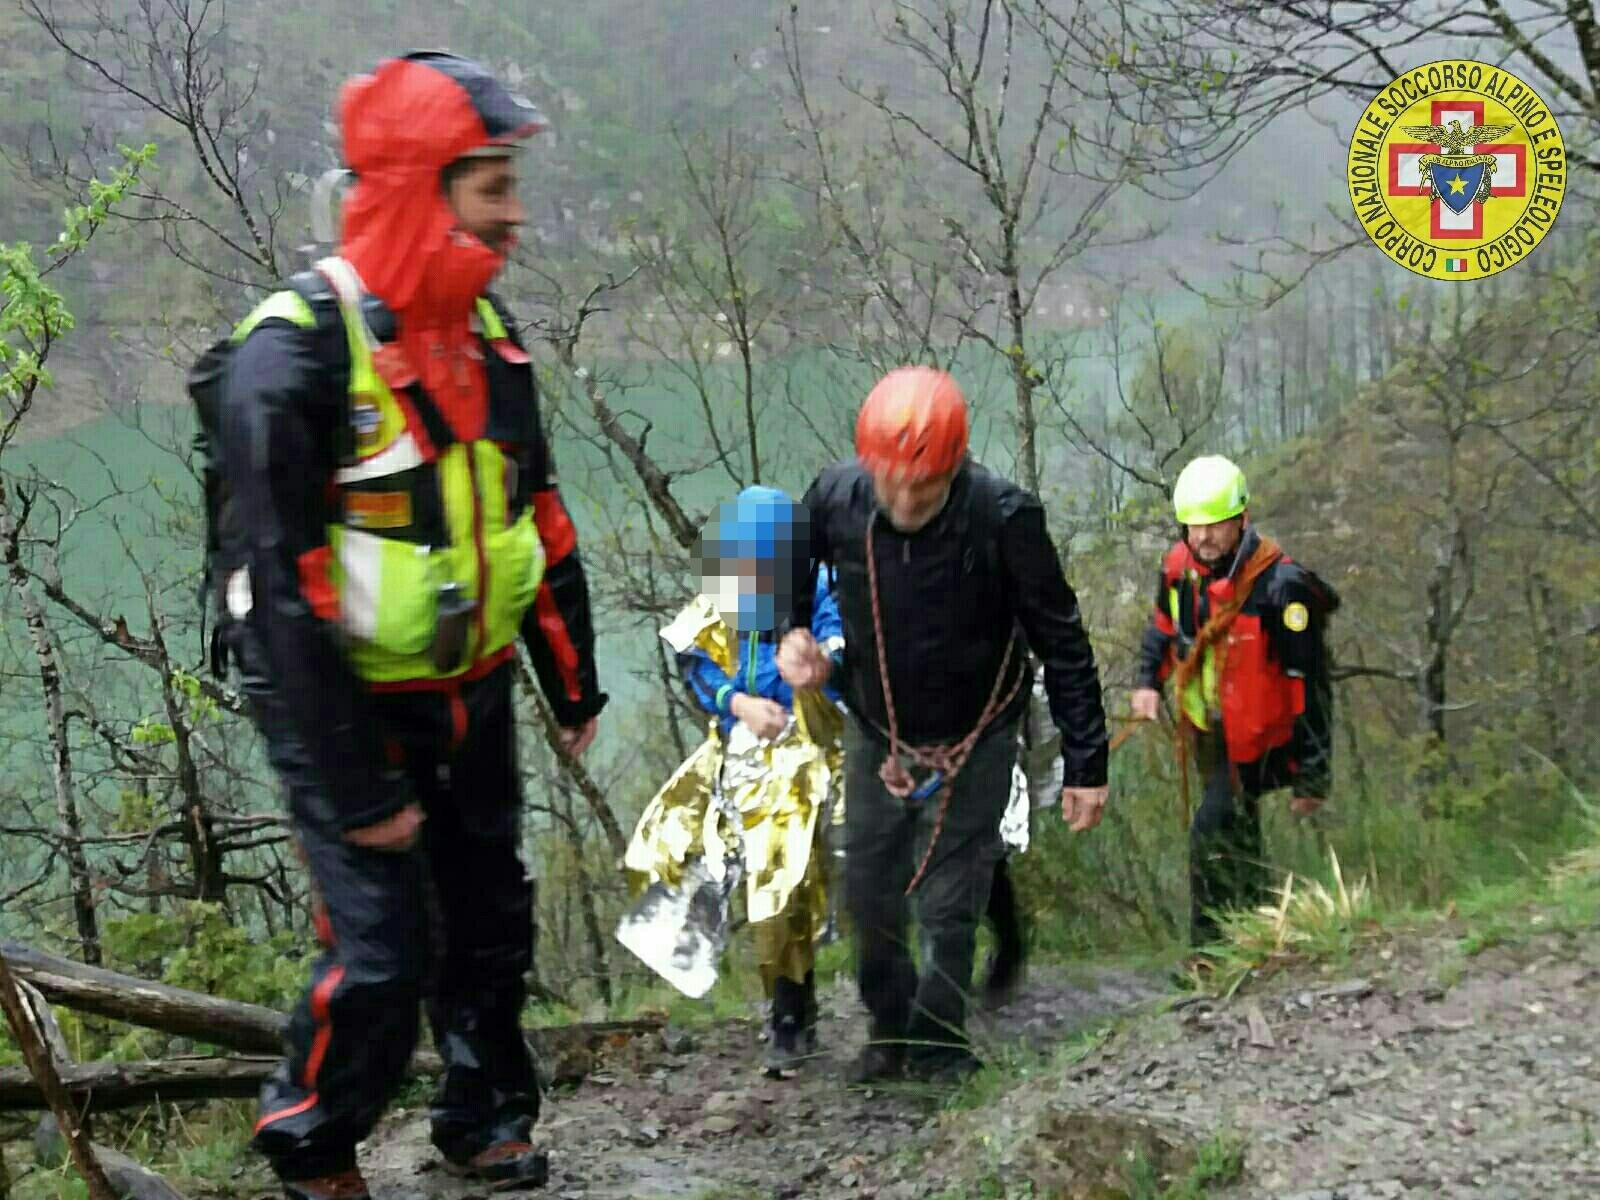 Escursionisti olandesi con bambini salvati dal Soccorso Alpino a Ridracoli